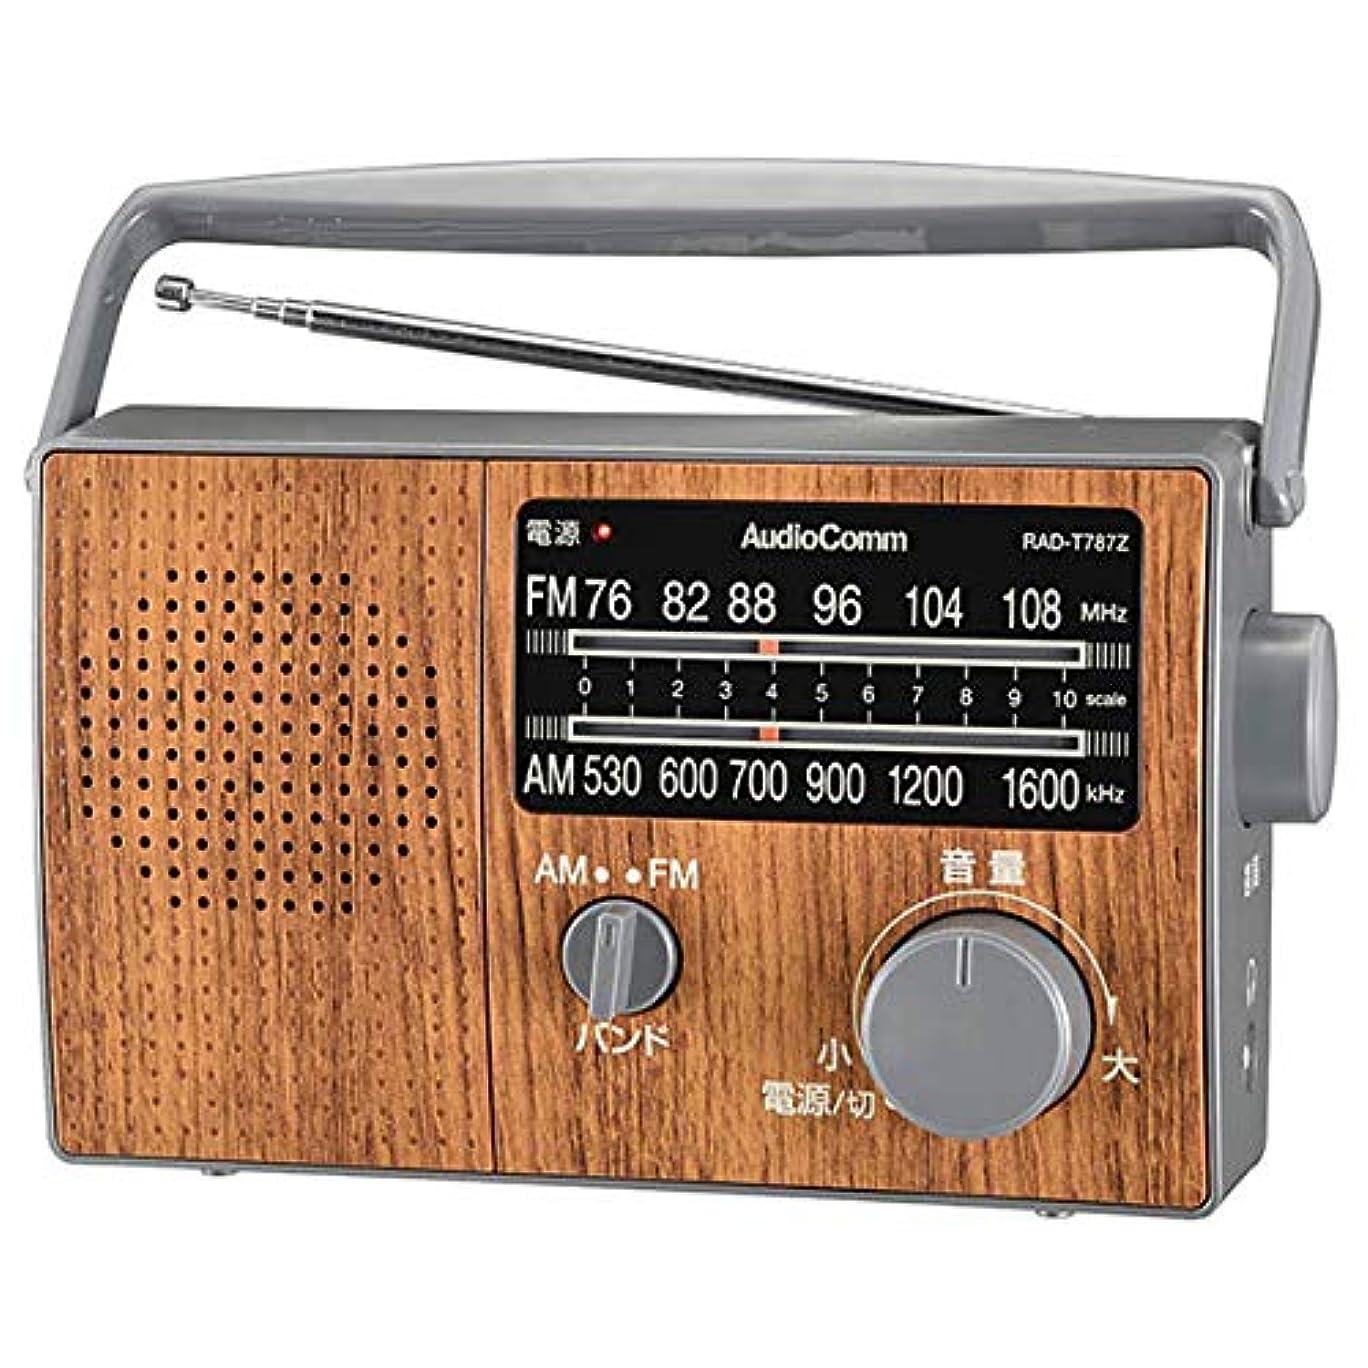 かりて強要一般化するラジオ ポータブルラジオ 軽量 おしゃれ シンプル 木目調 イヤホン端子/モノラル 音声 一人暮らし 保証書付取扱説明書